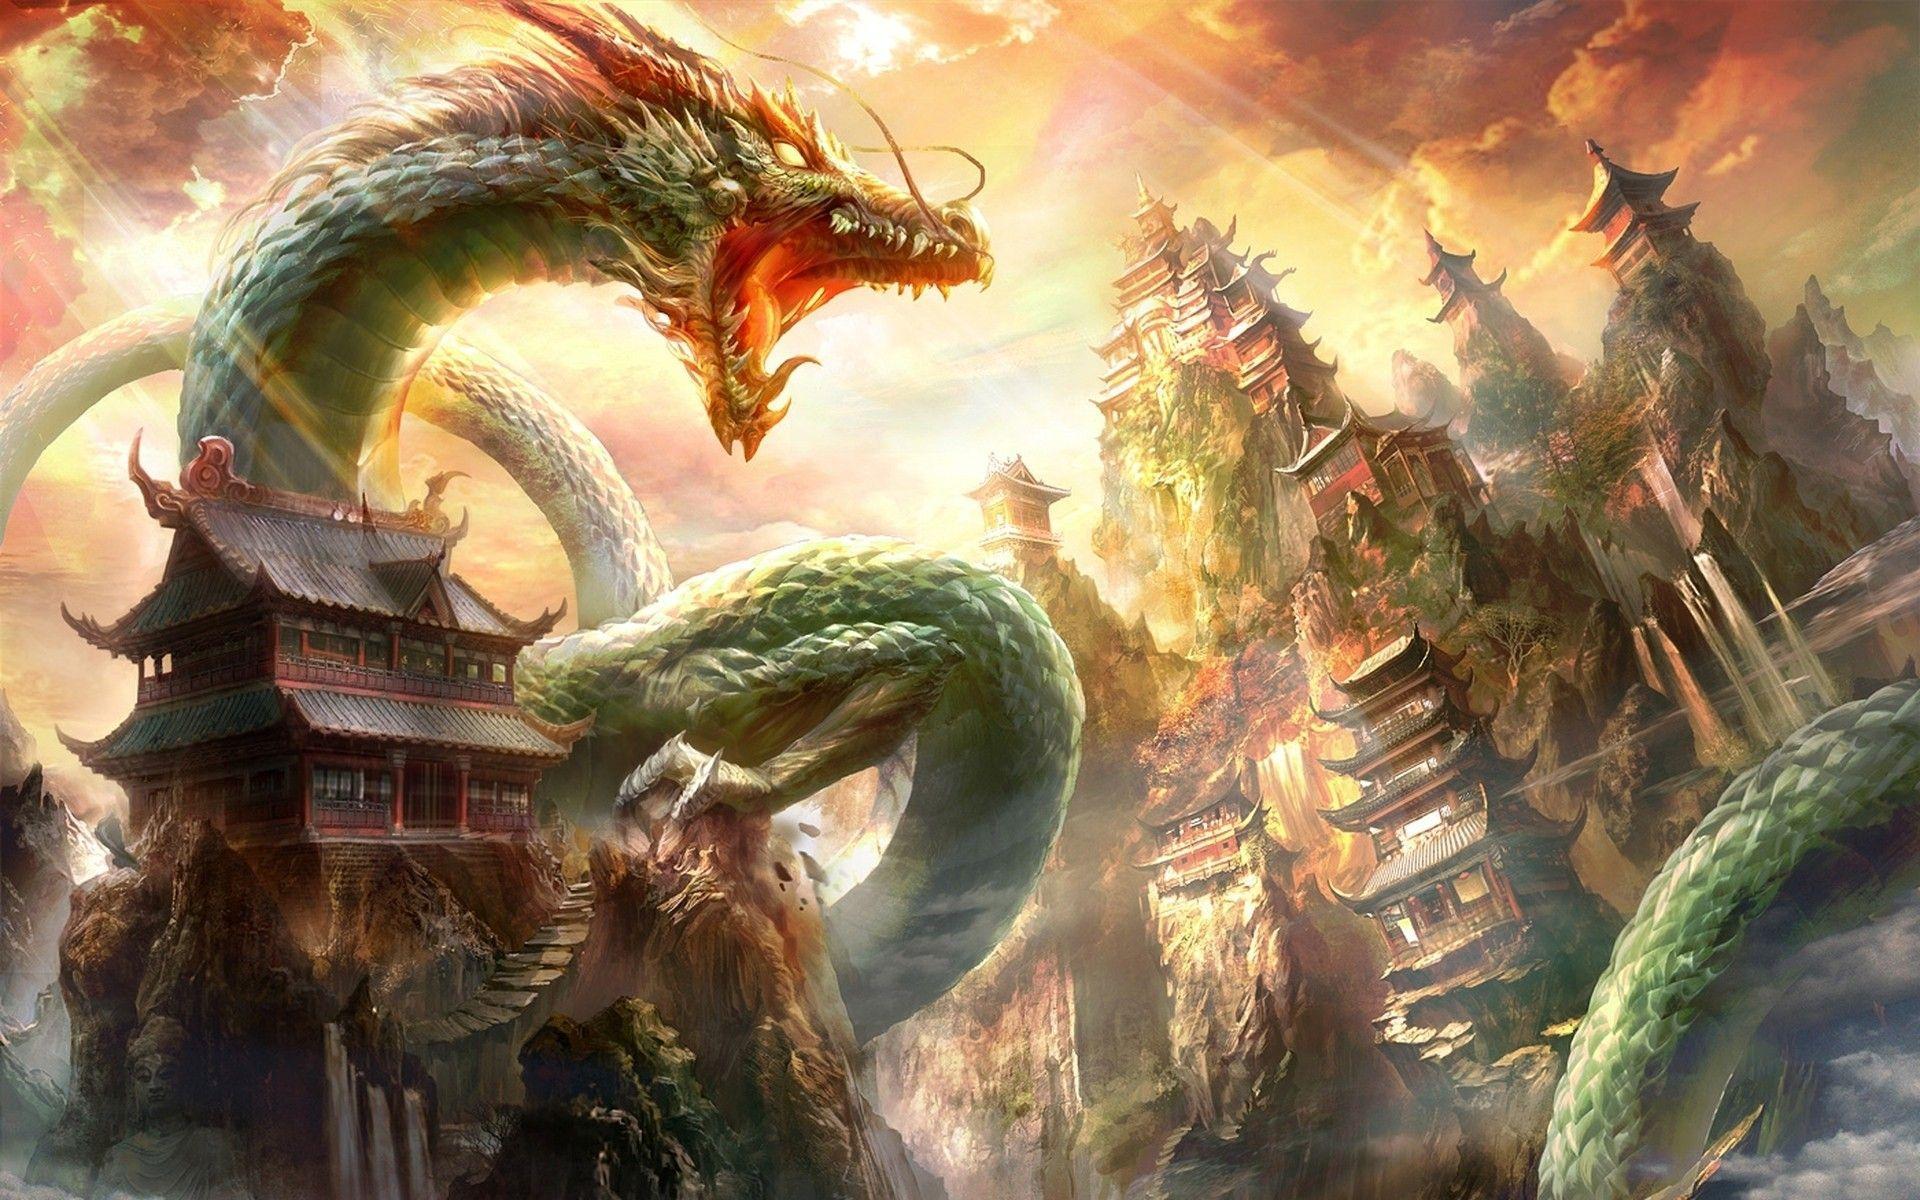 Japanese Mythology Wallpapers - Top Free Japanese Mythology